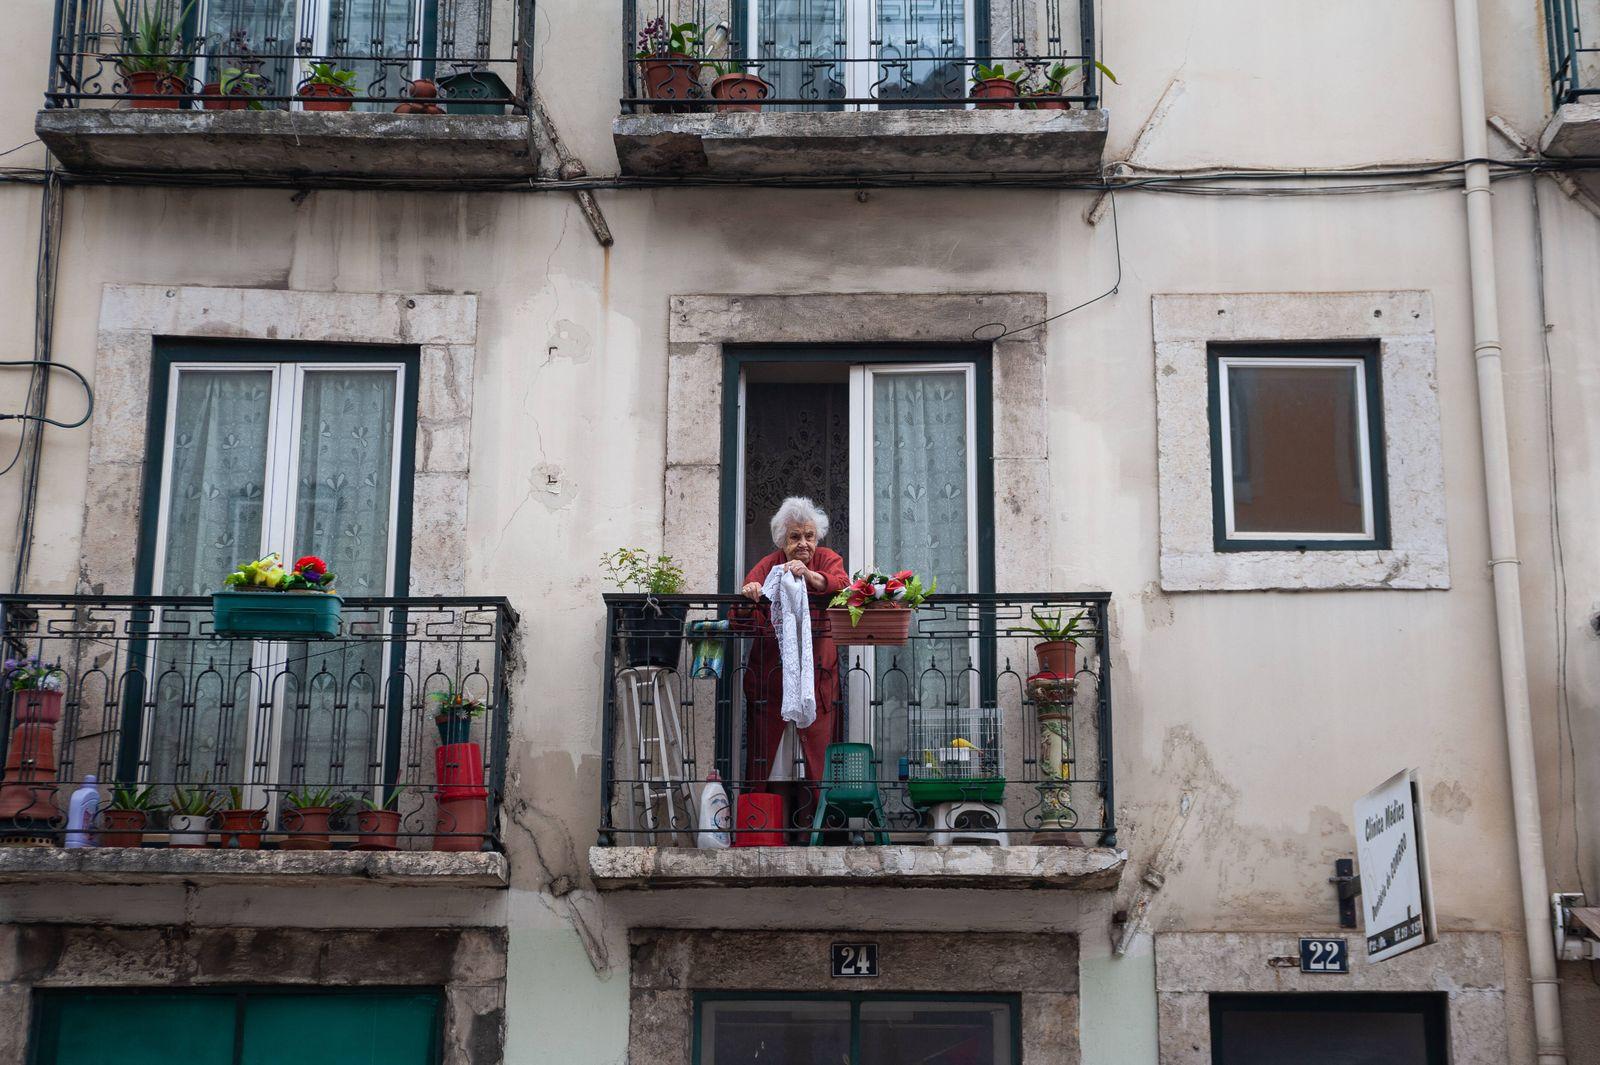 12.06.2018, Lissabon, Portugal, Europa - Eine alte Frau steht auf dem Balkon ihrer Wohnung in der Altstadt der portugies